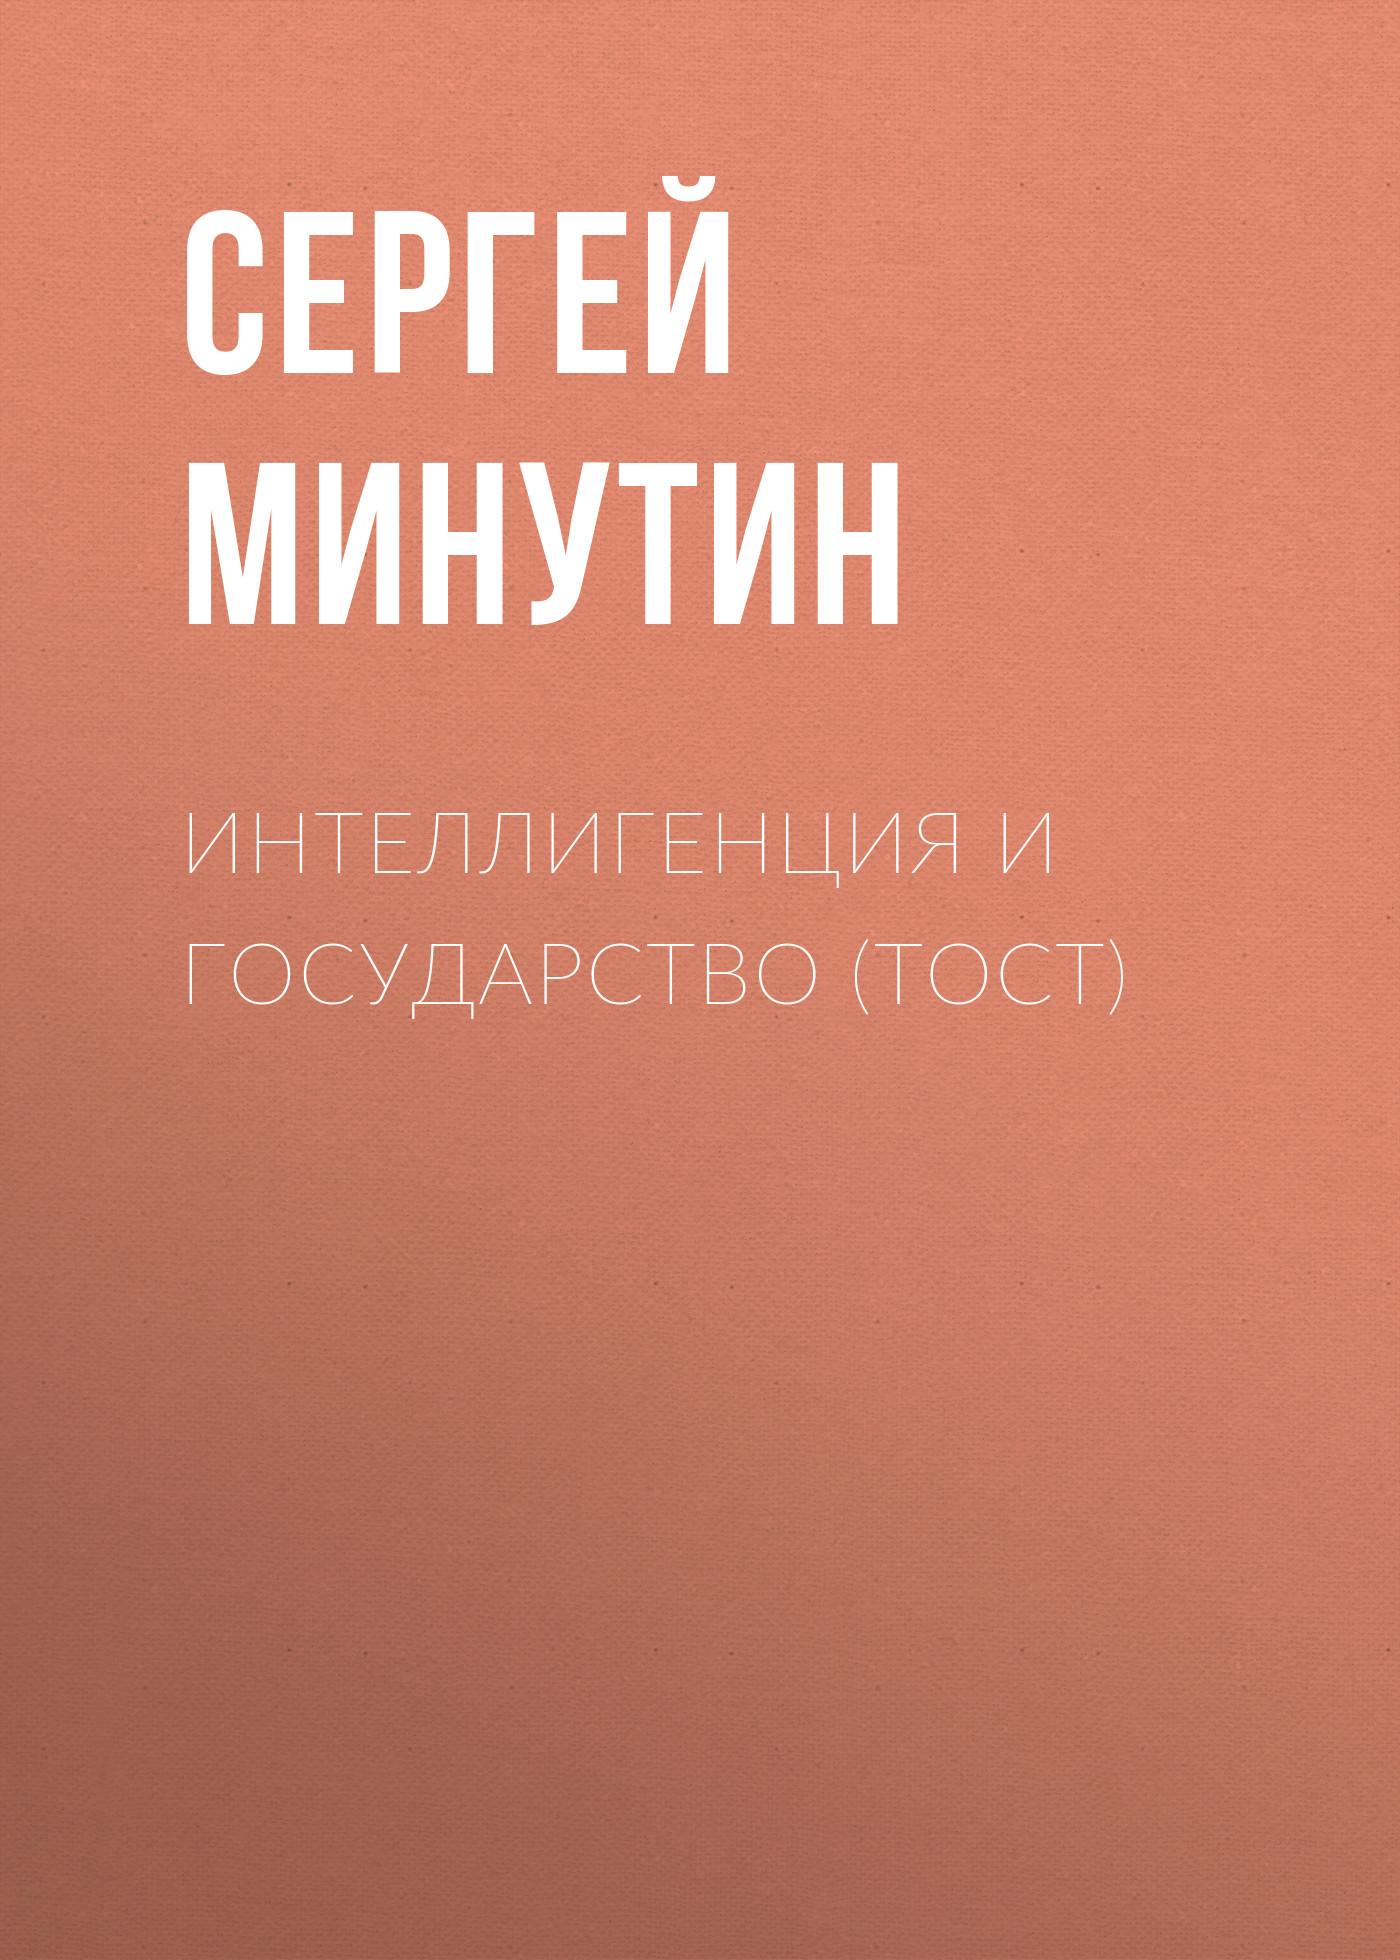 Купить книгу Интеллигенция и государство (тост), автора Сергея Минутина